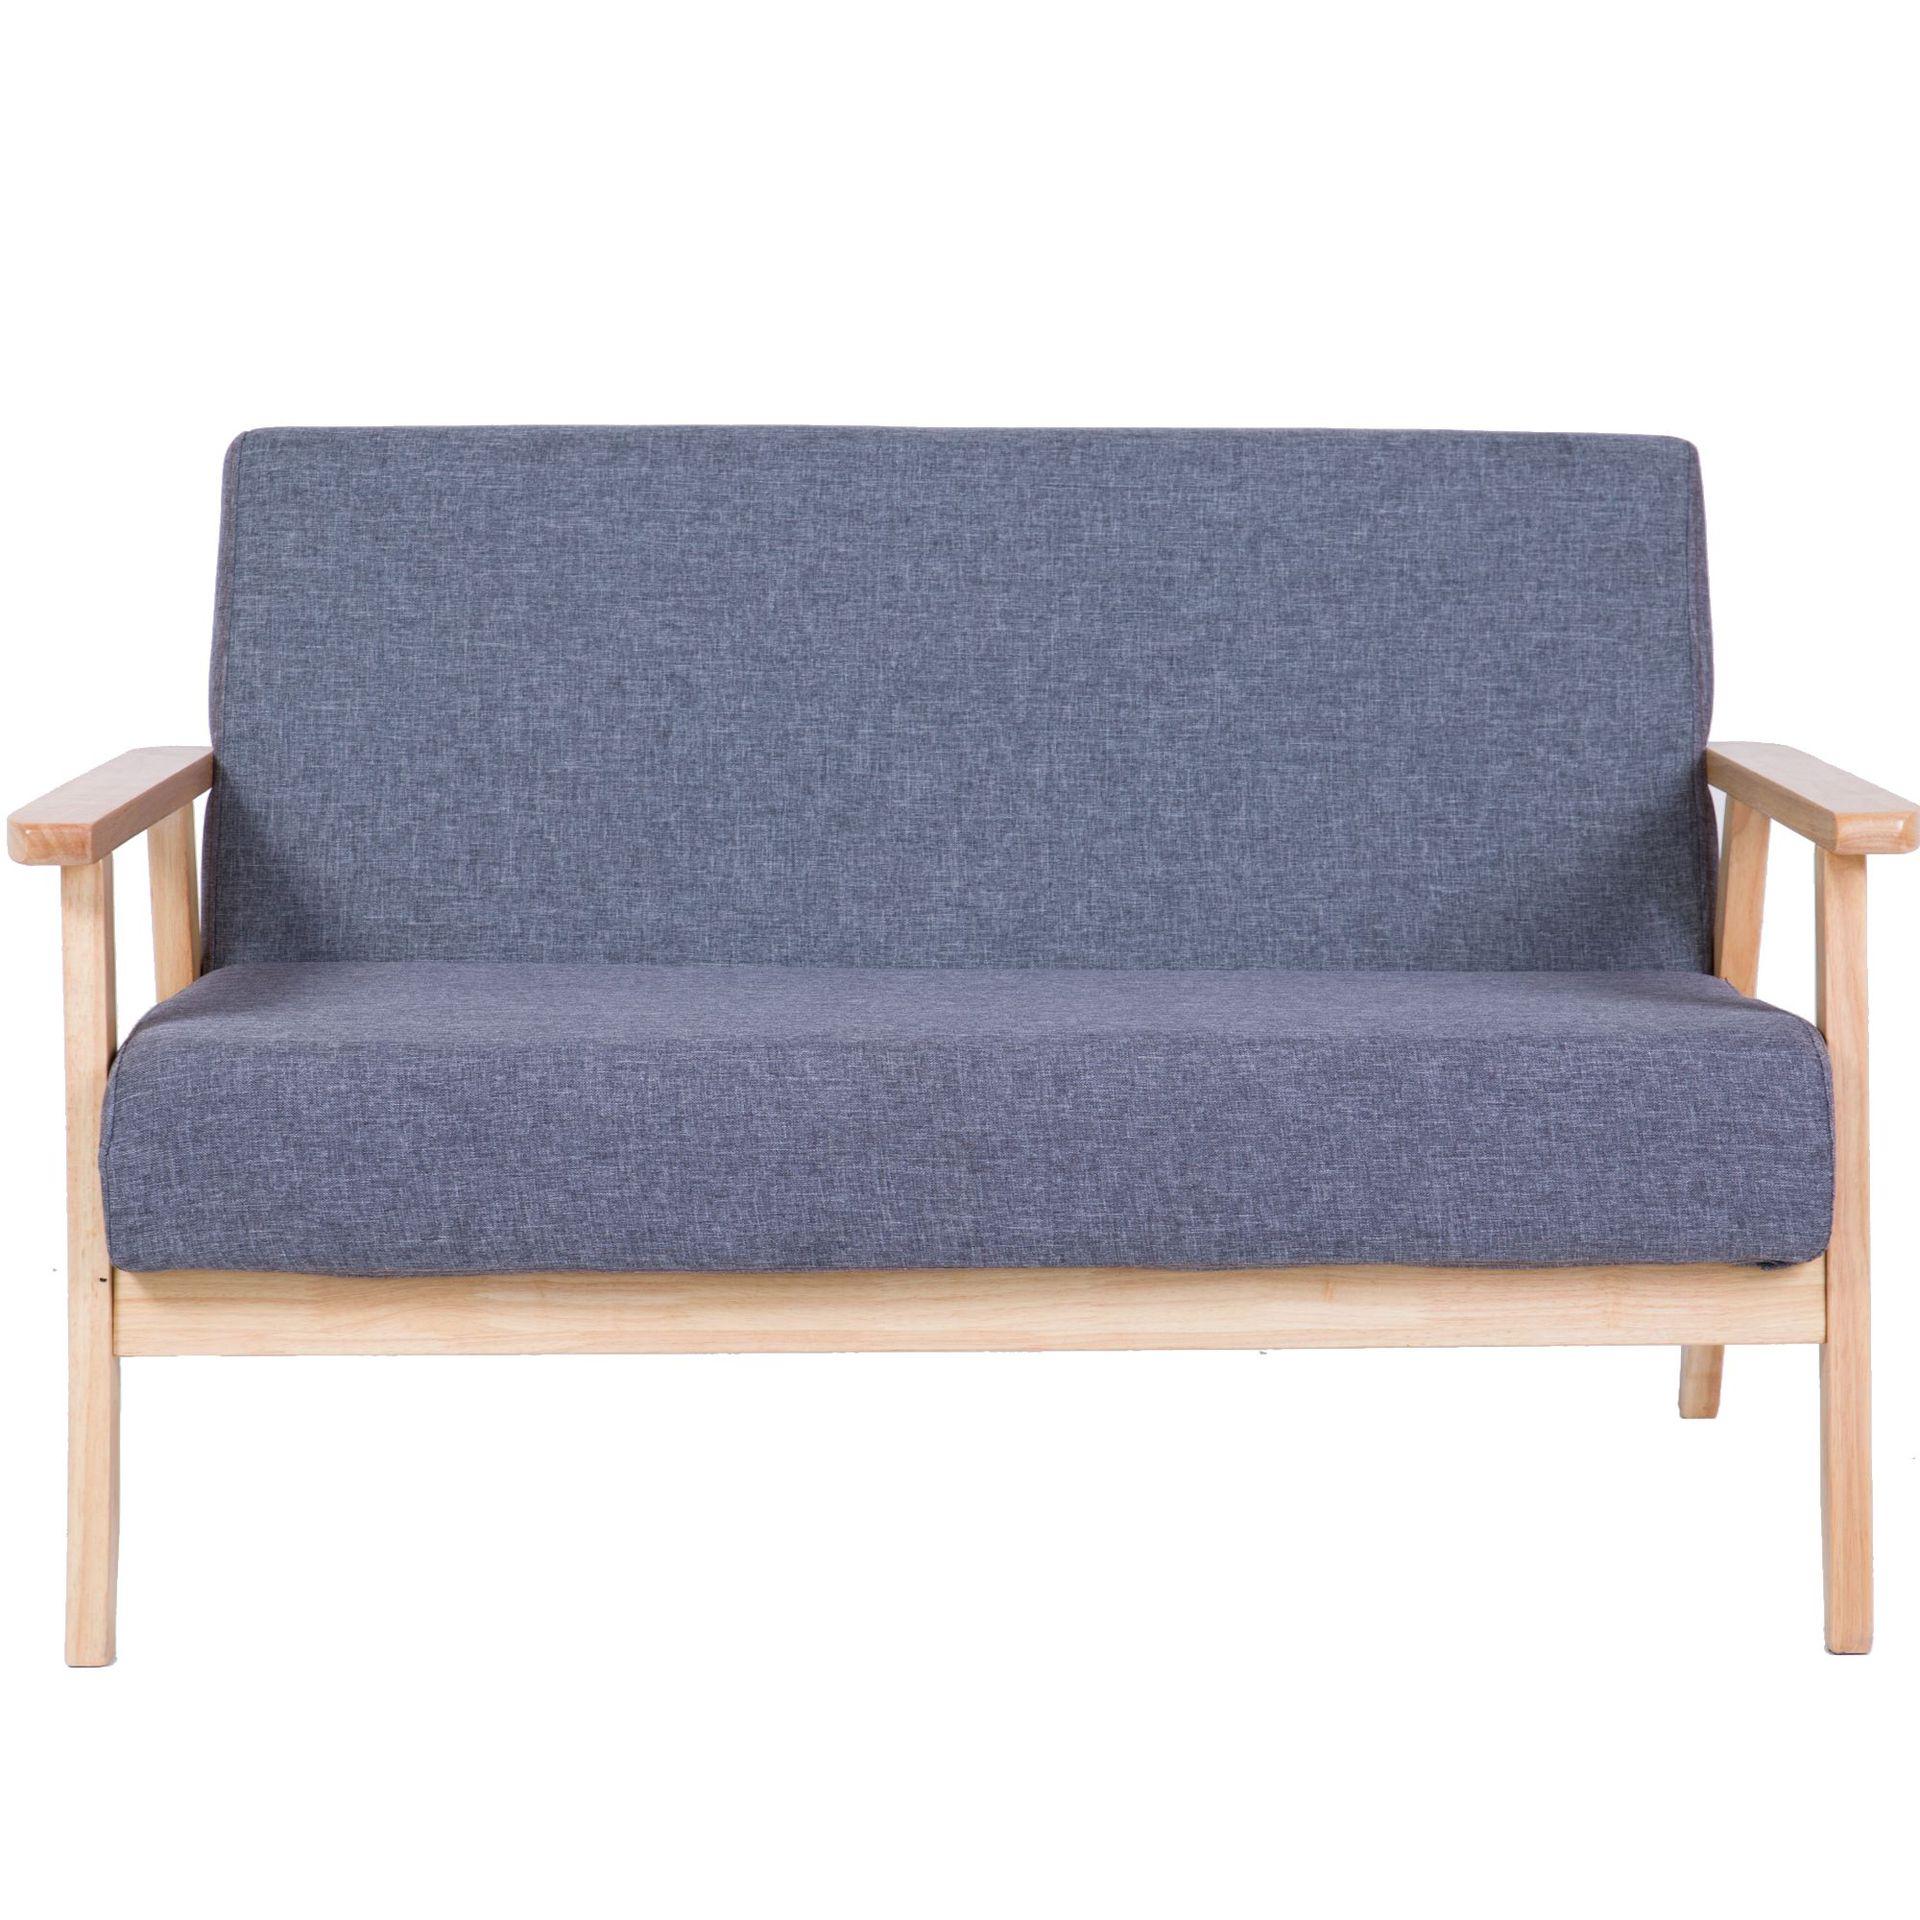 布藝單人雙人沙發休閑椅臥室客廳休閑椅現代北歐簡約時尚創意實木